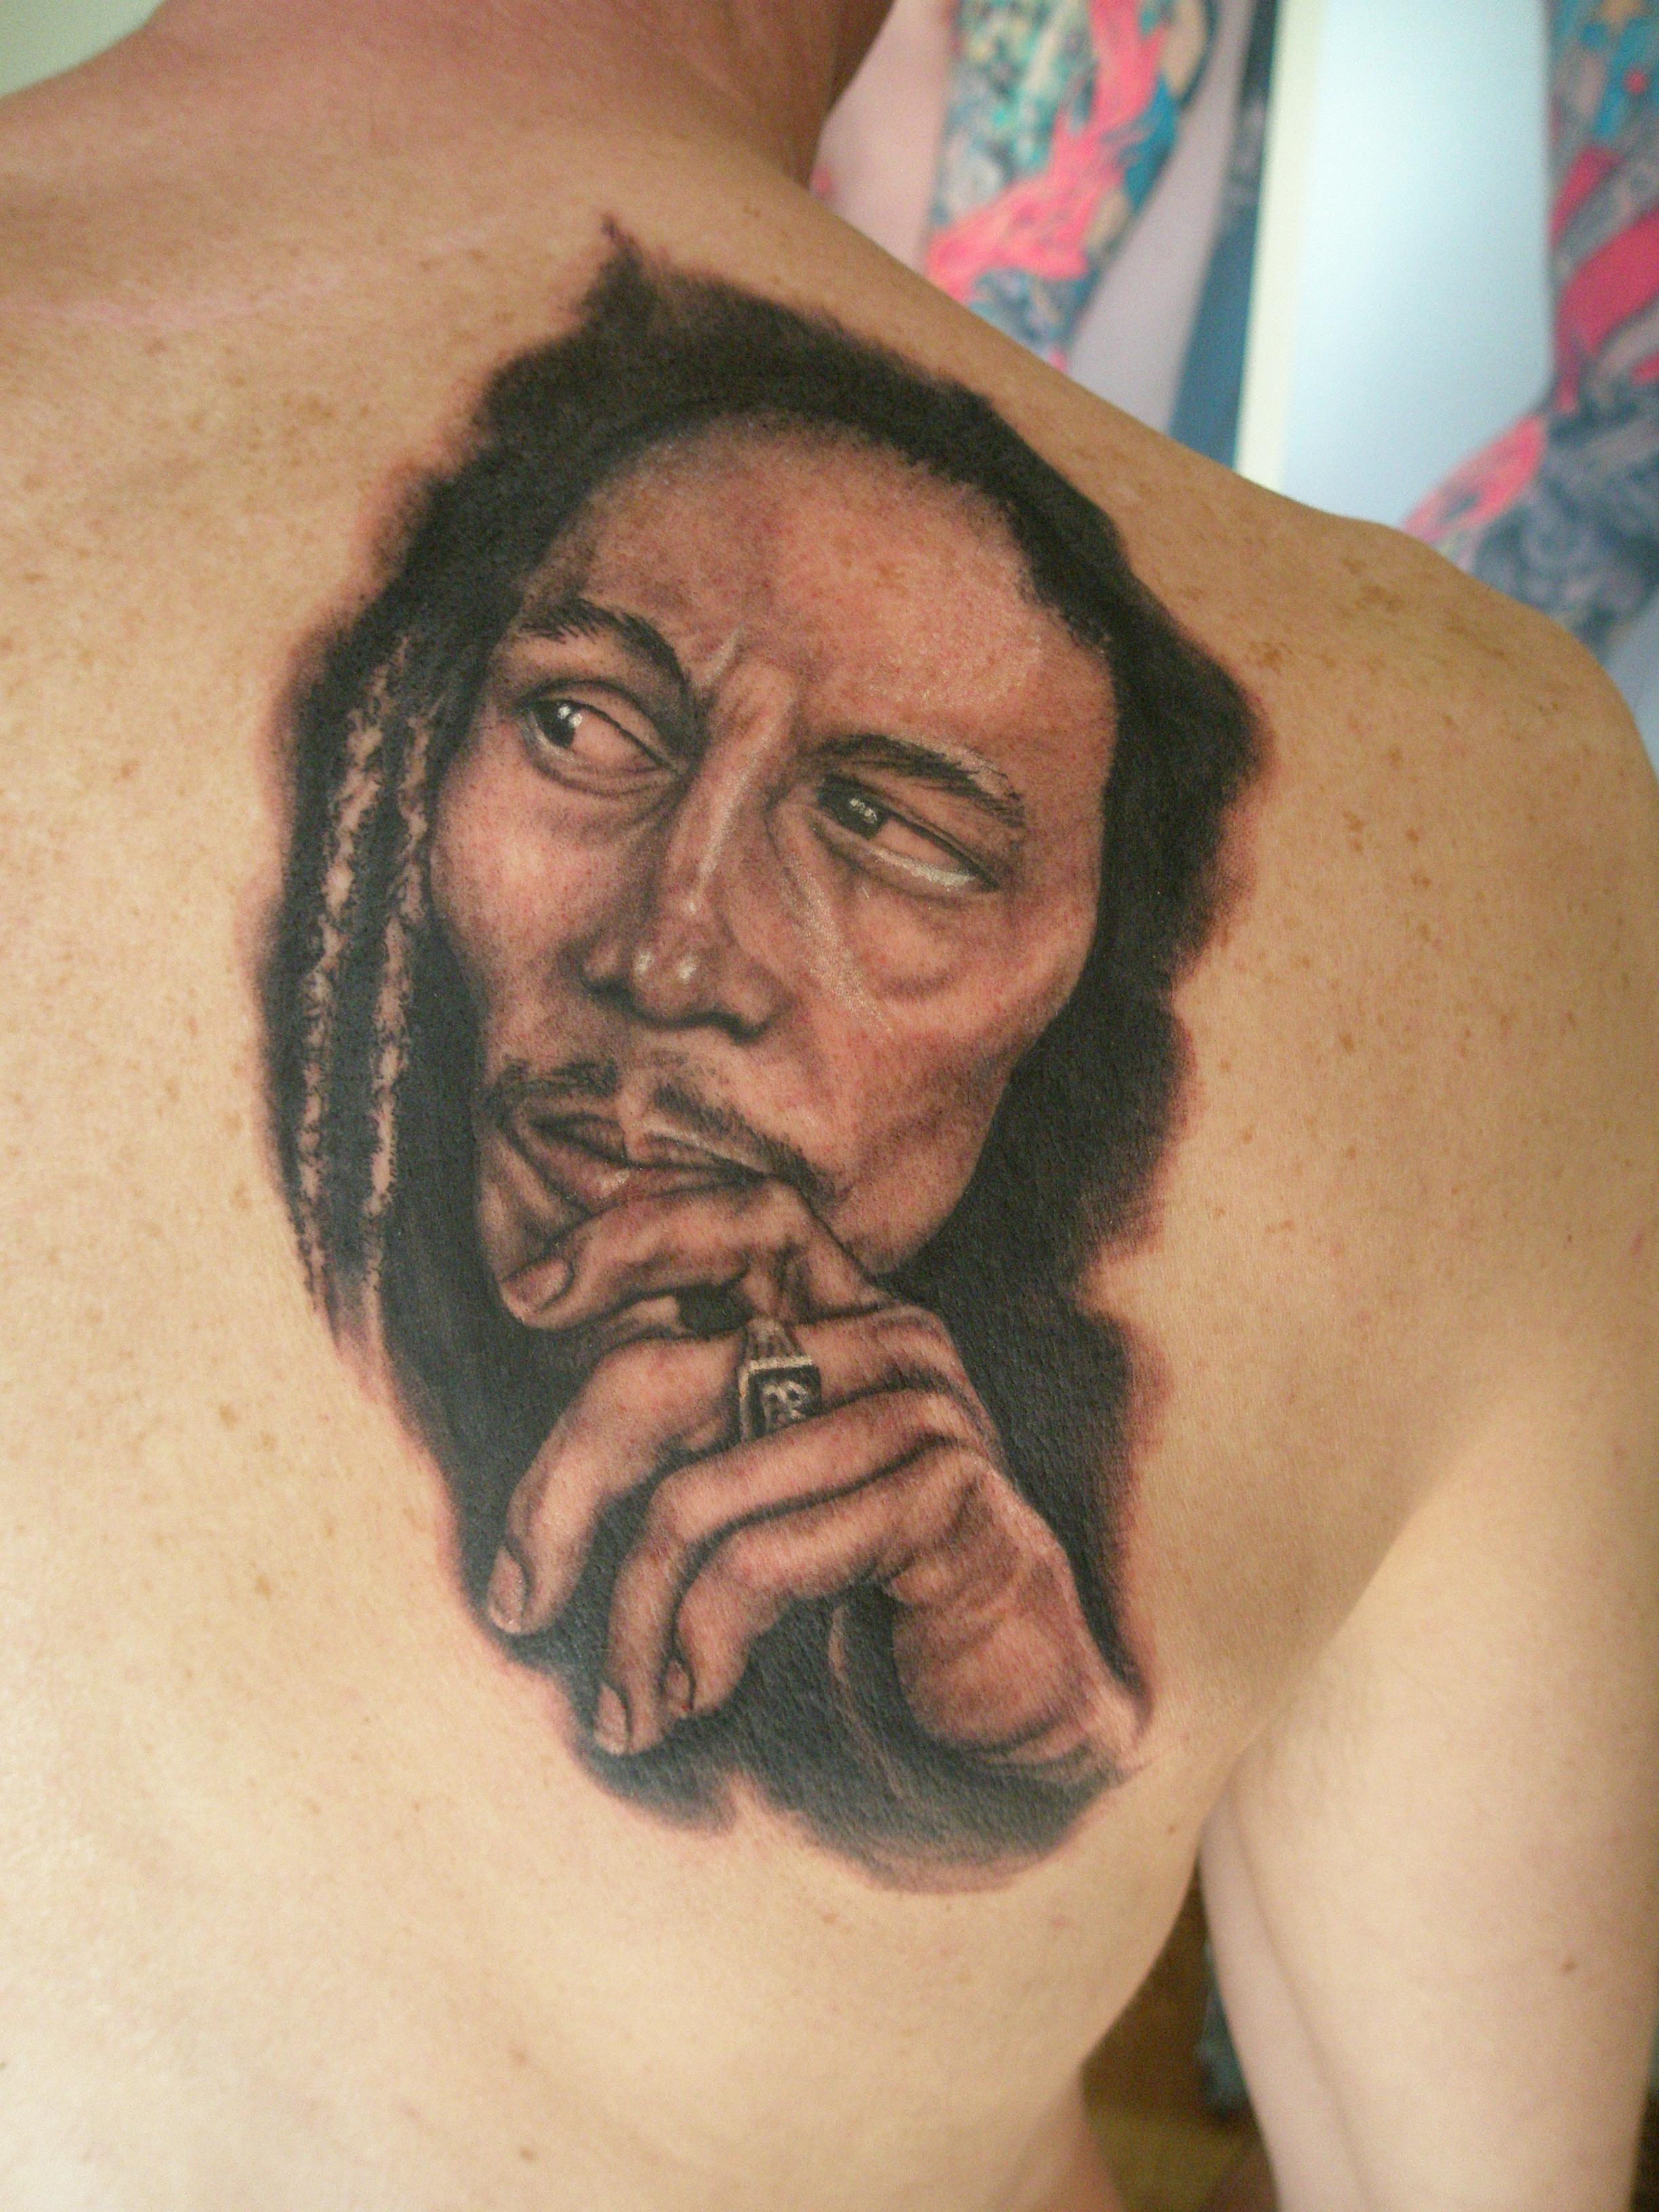 Bob marley neiltattoos for Bob marley tattoos